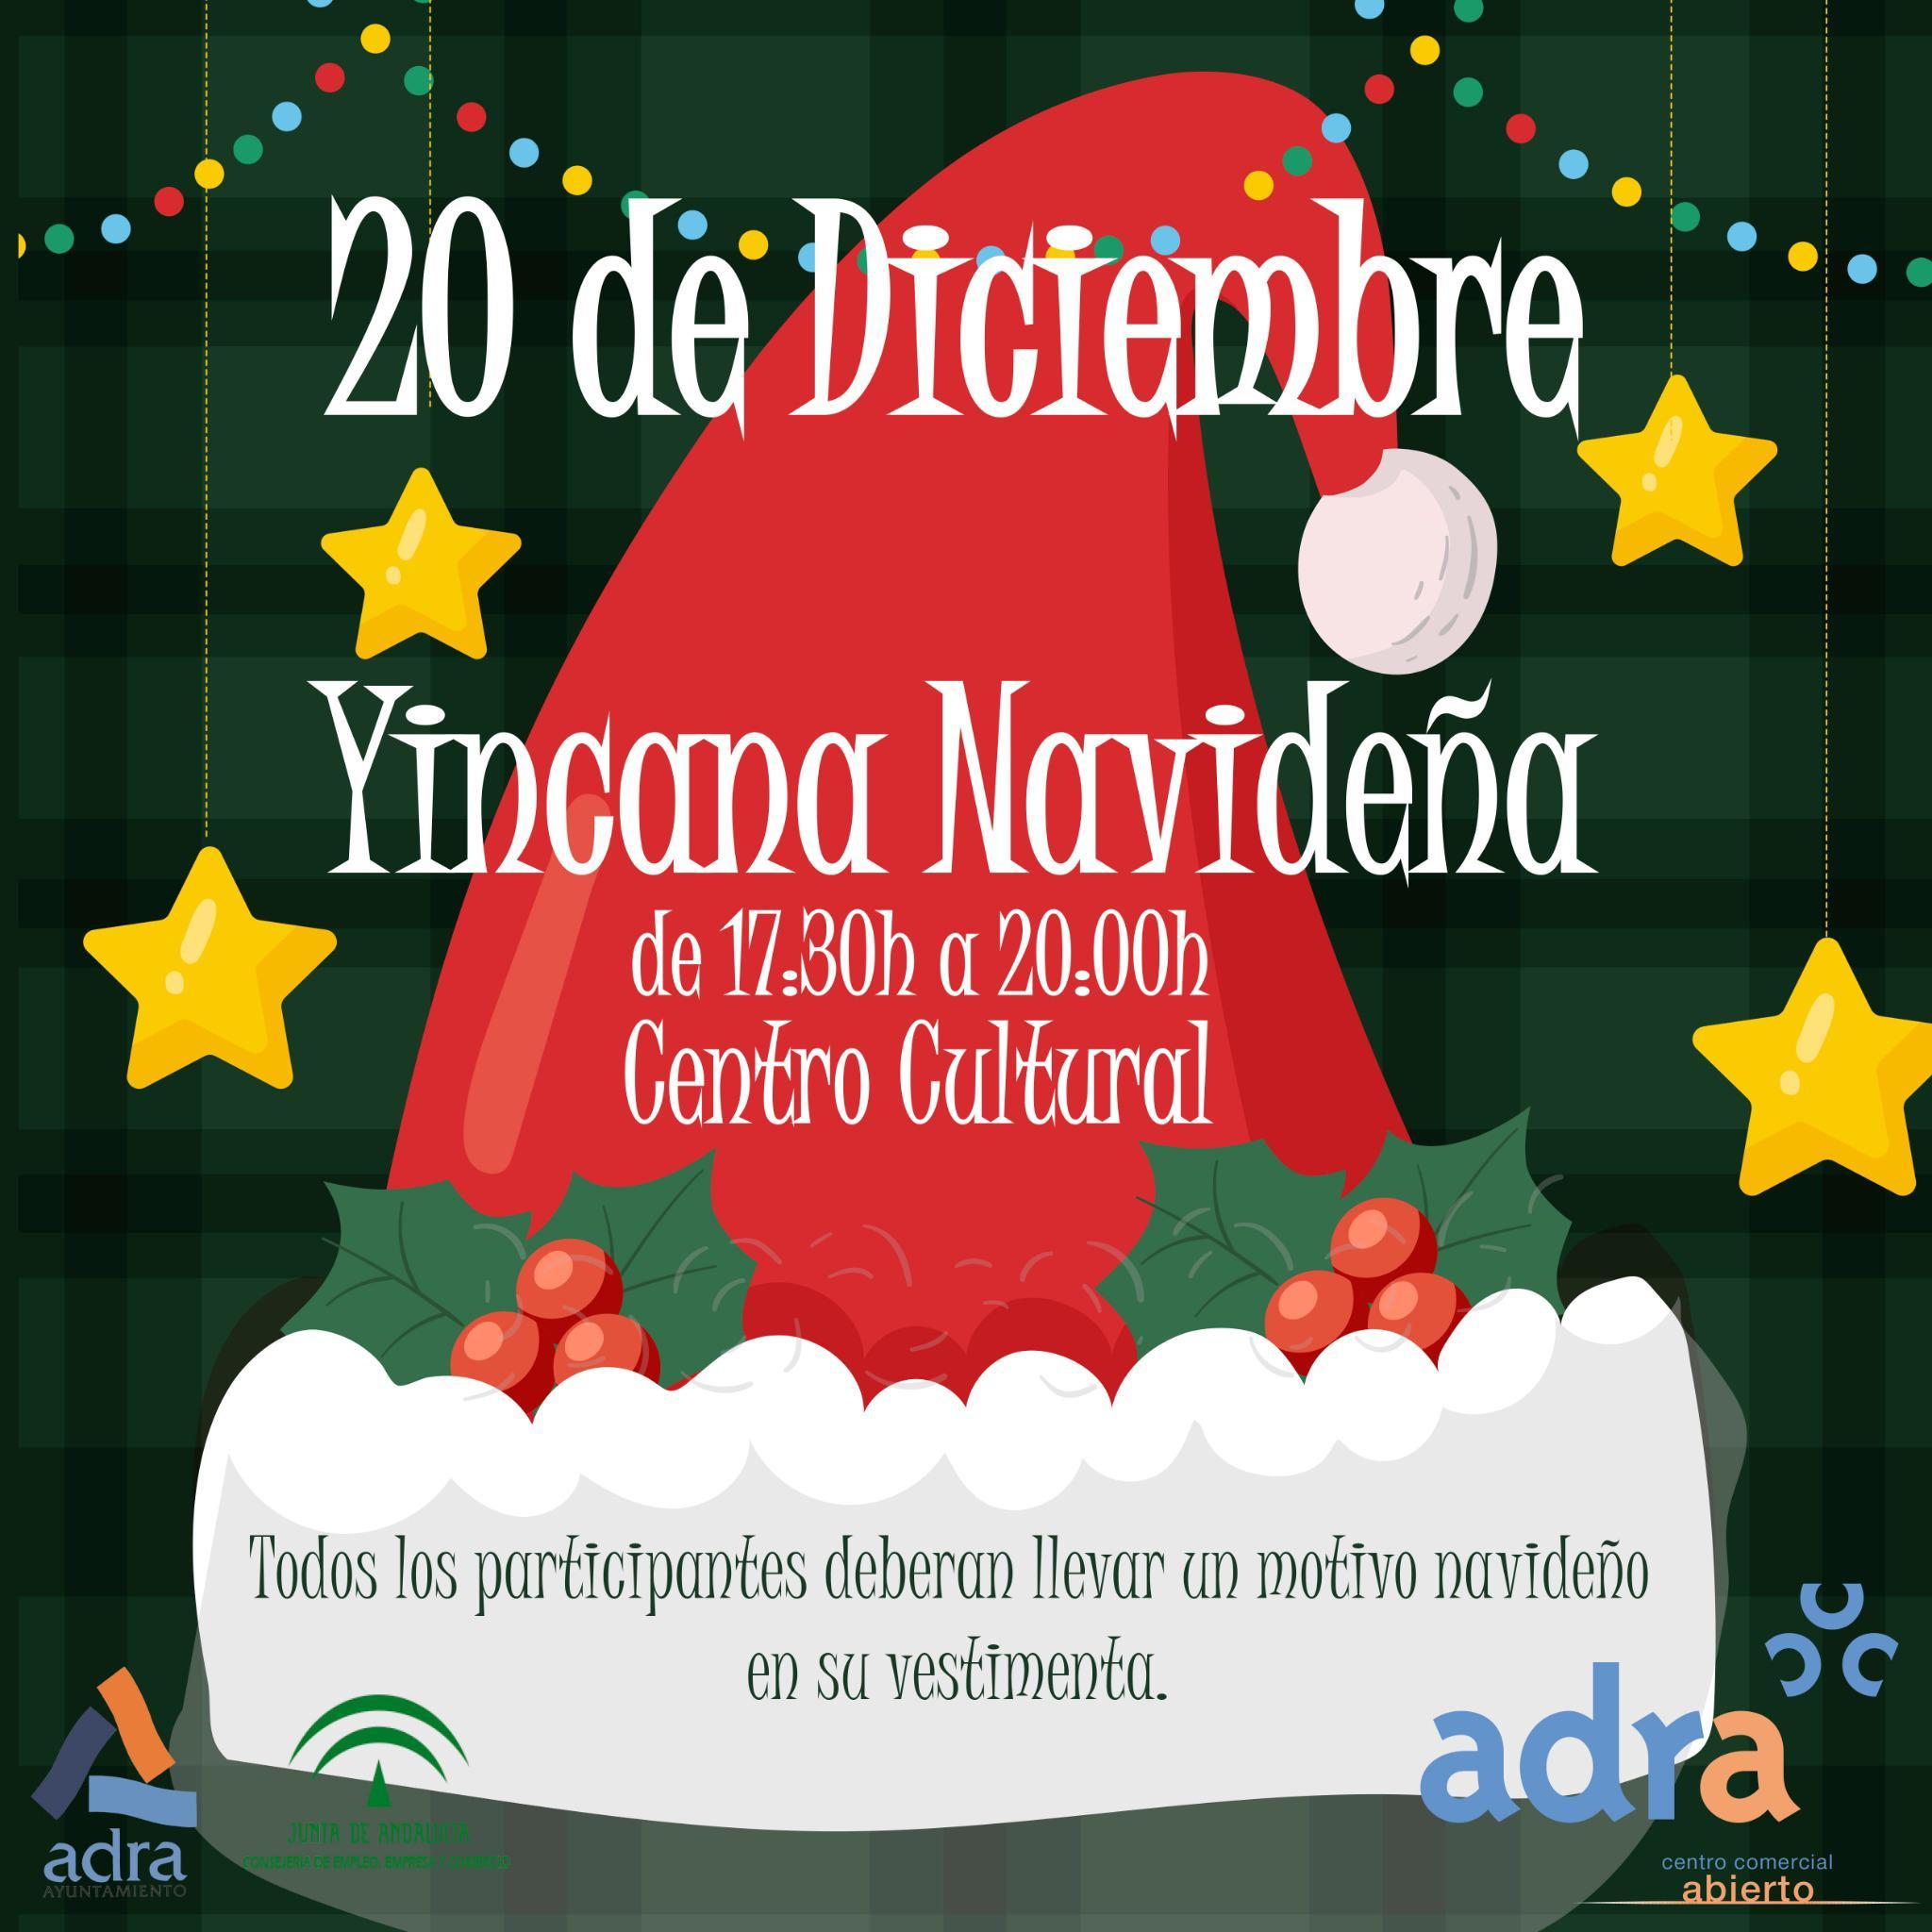 Photo of La Asociación de Comerciantes de Adra celebra una semana llena de actividades navideñas